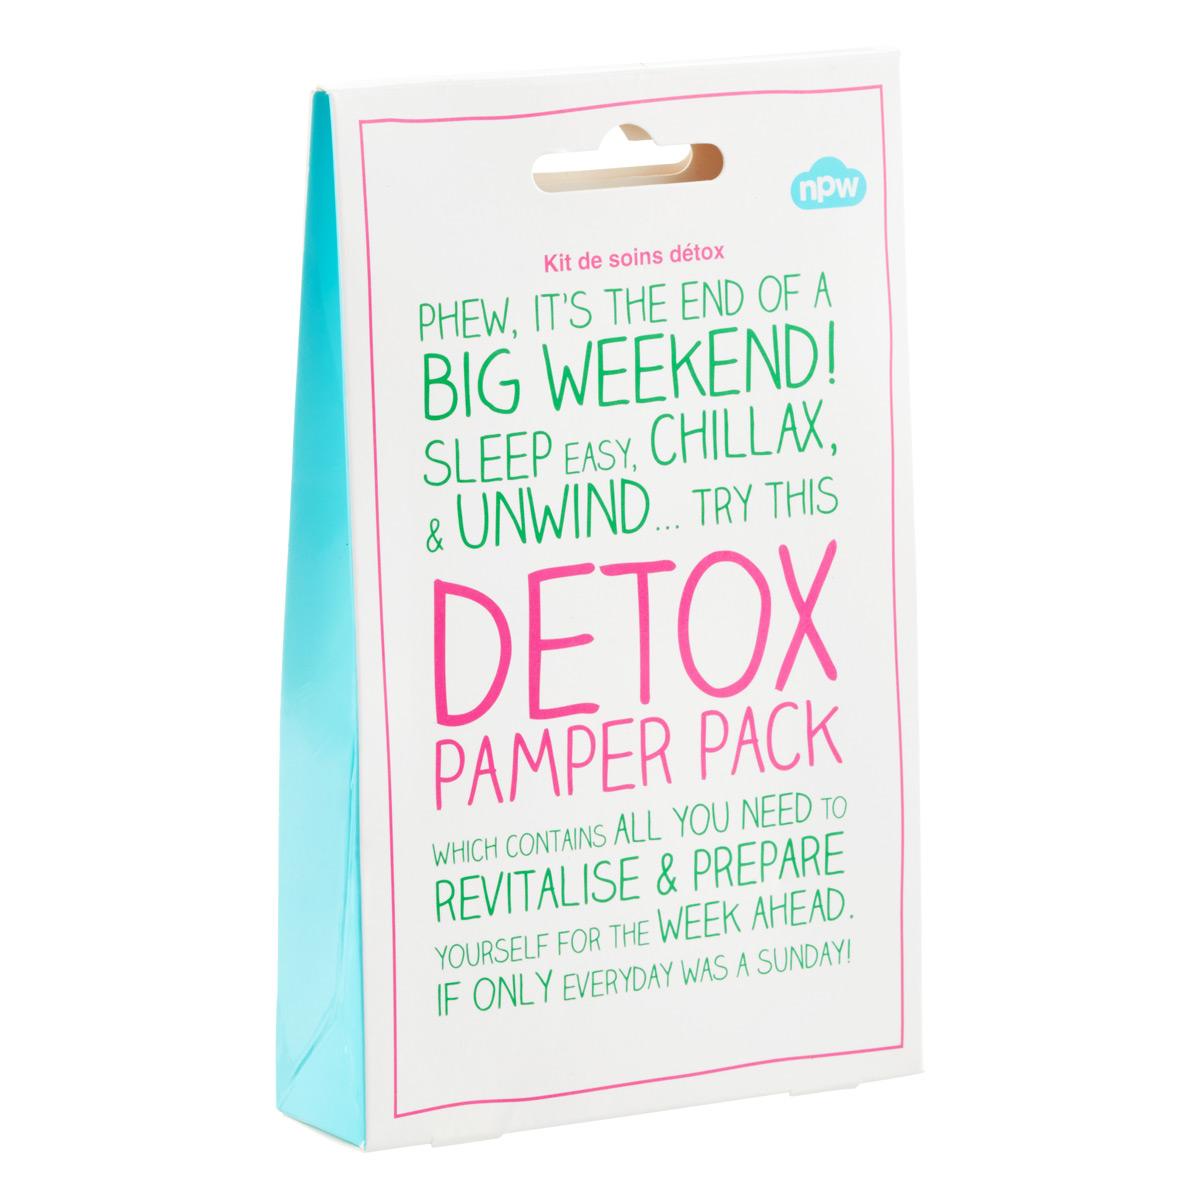 Detox Pamper